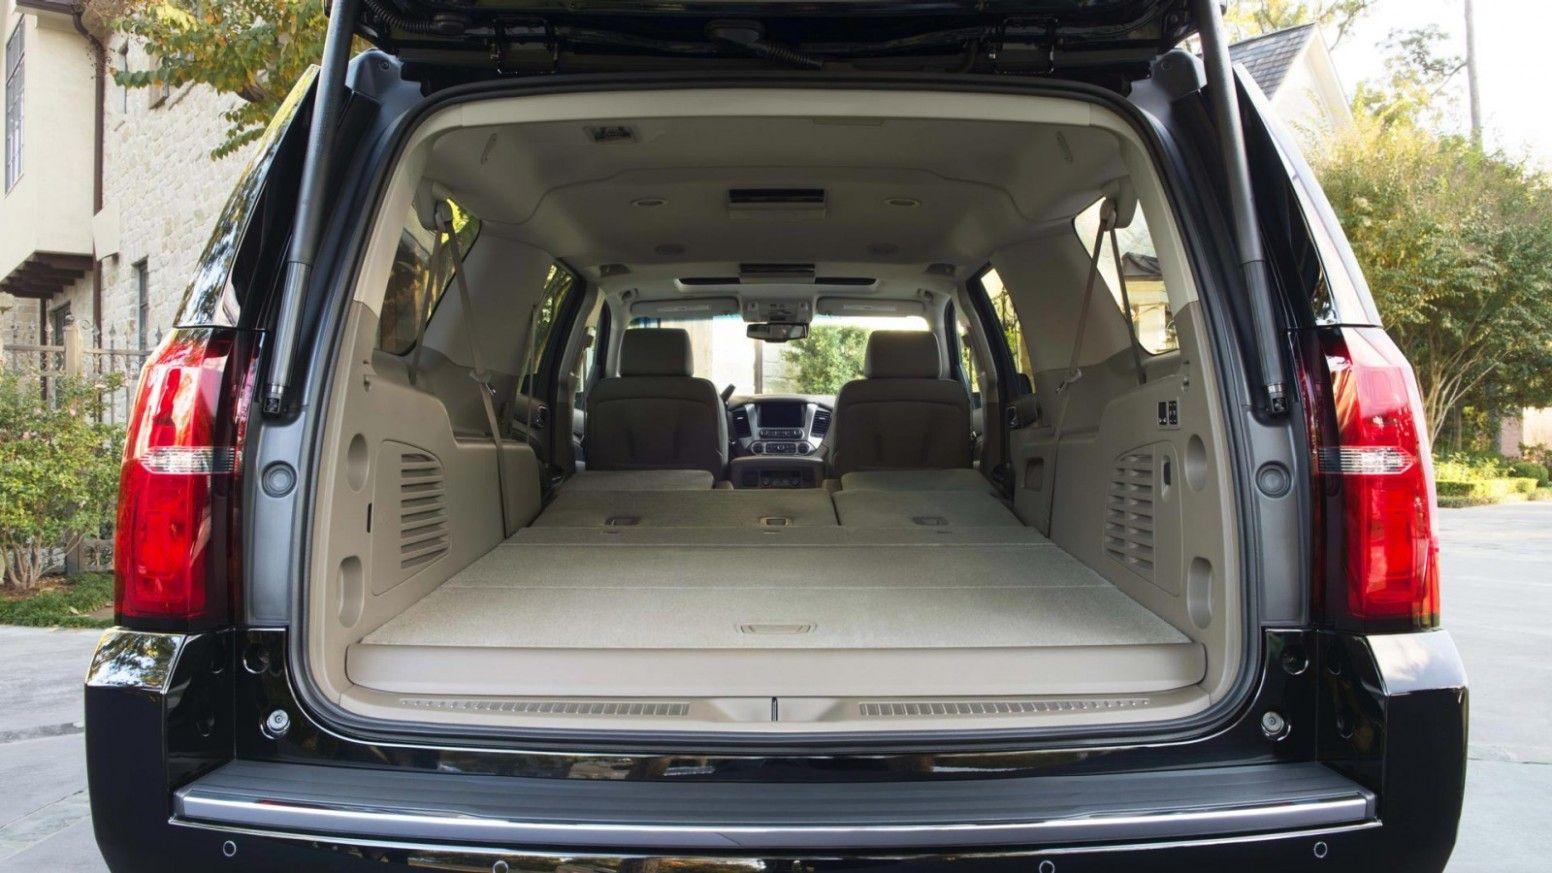 Chevrolet Spark 2020 Price In Ksa Specs And Chevrolet Suburban Chevy Suburban Chevrolet